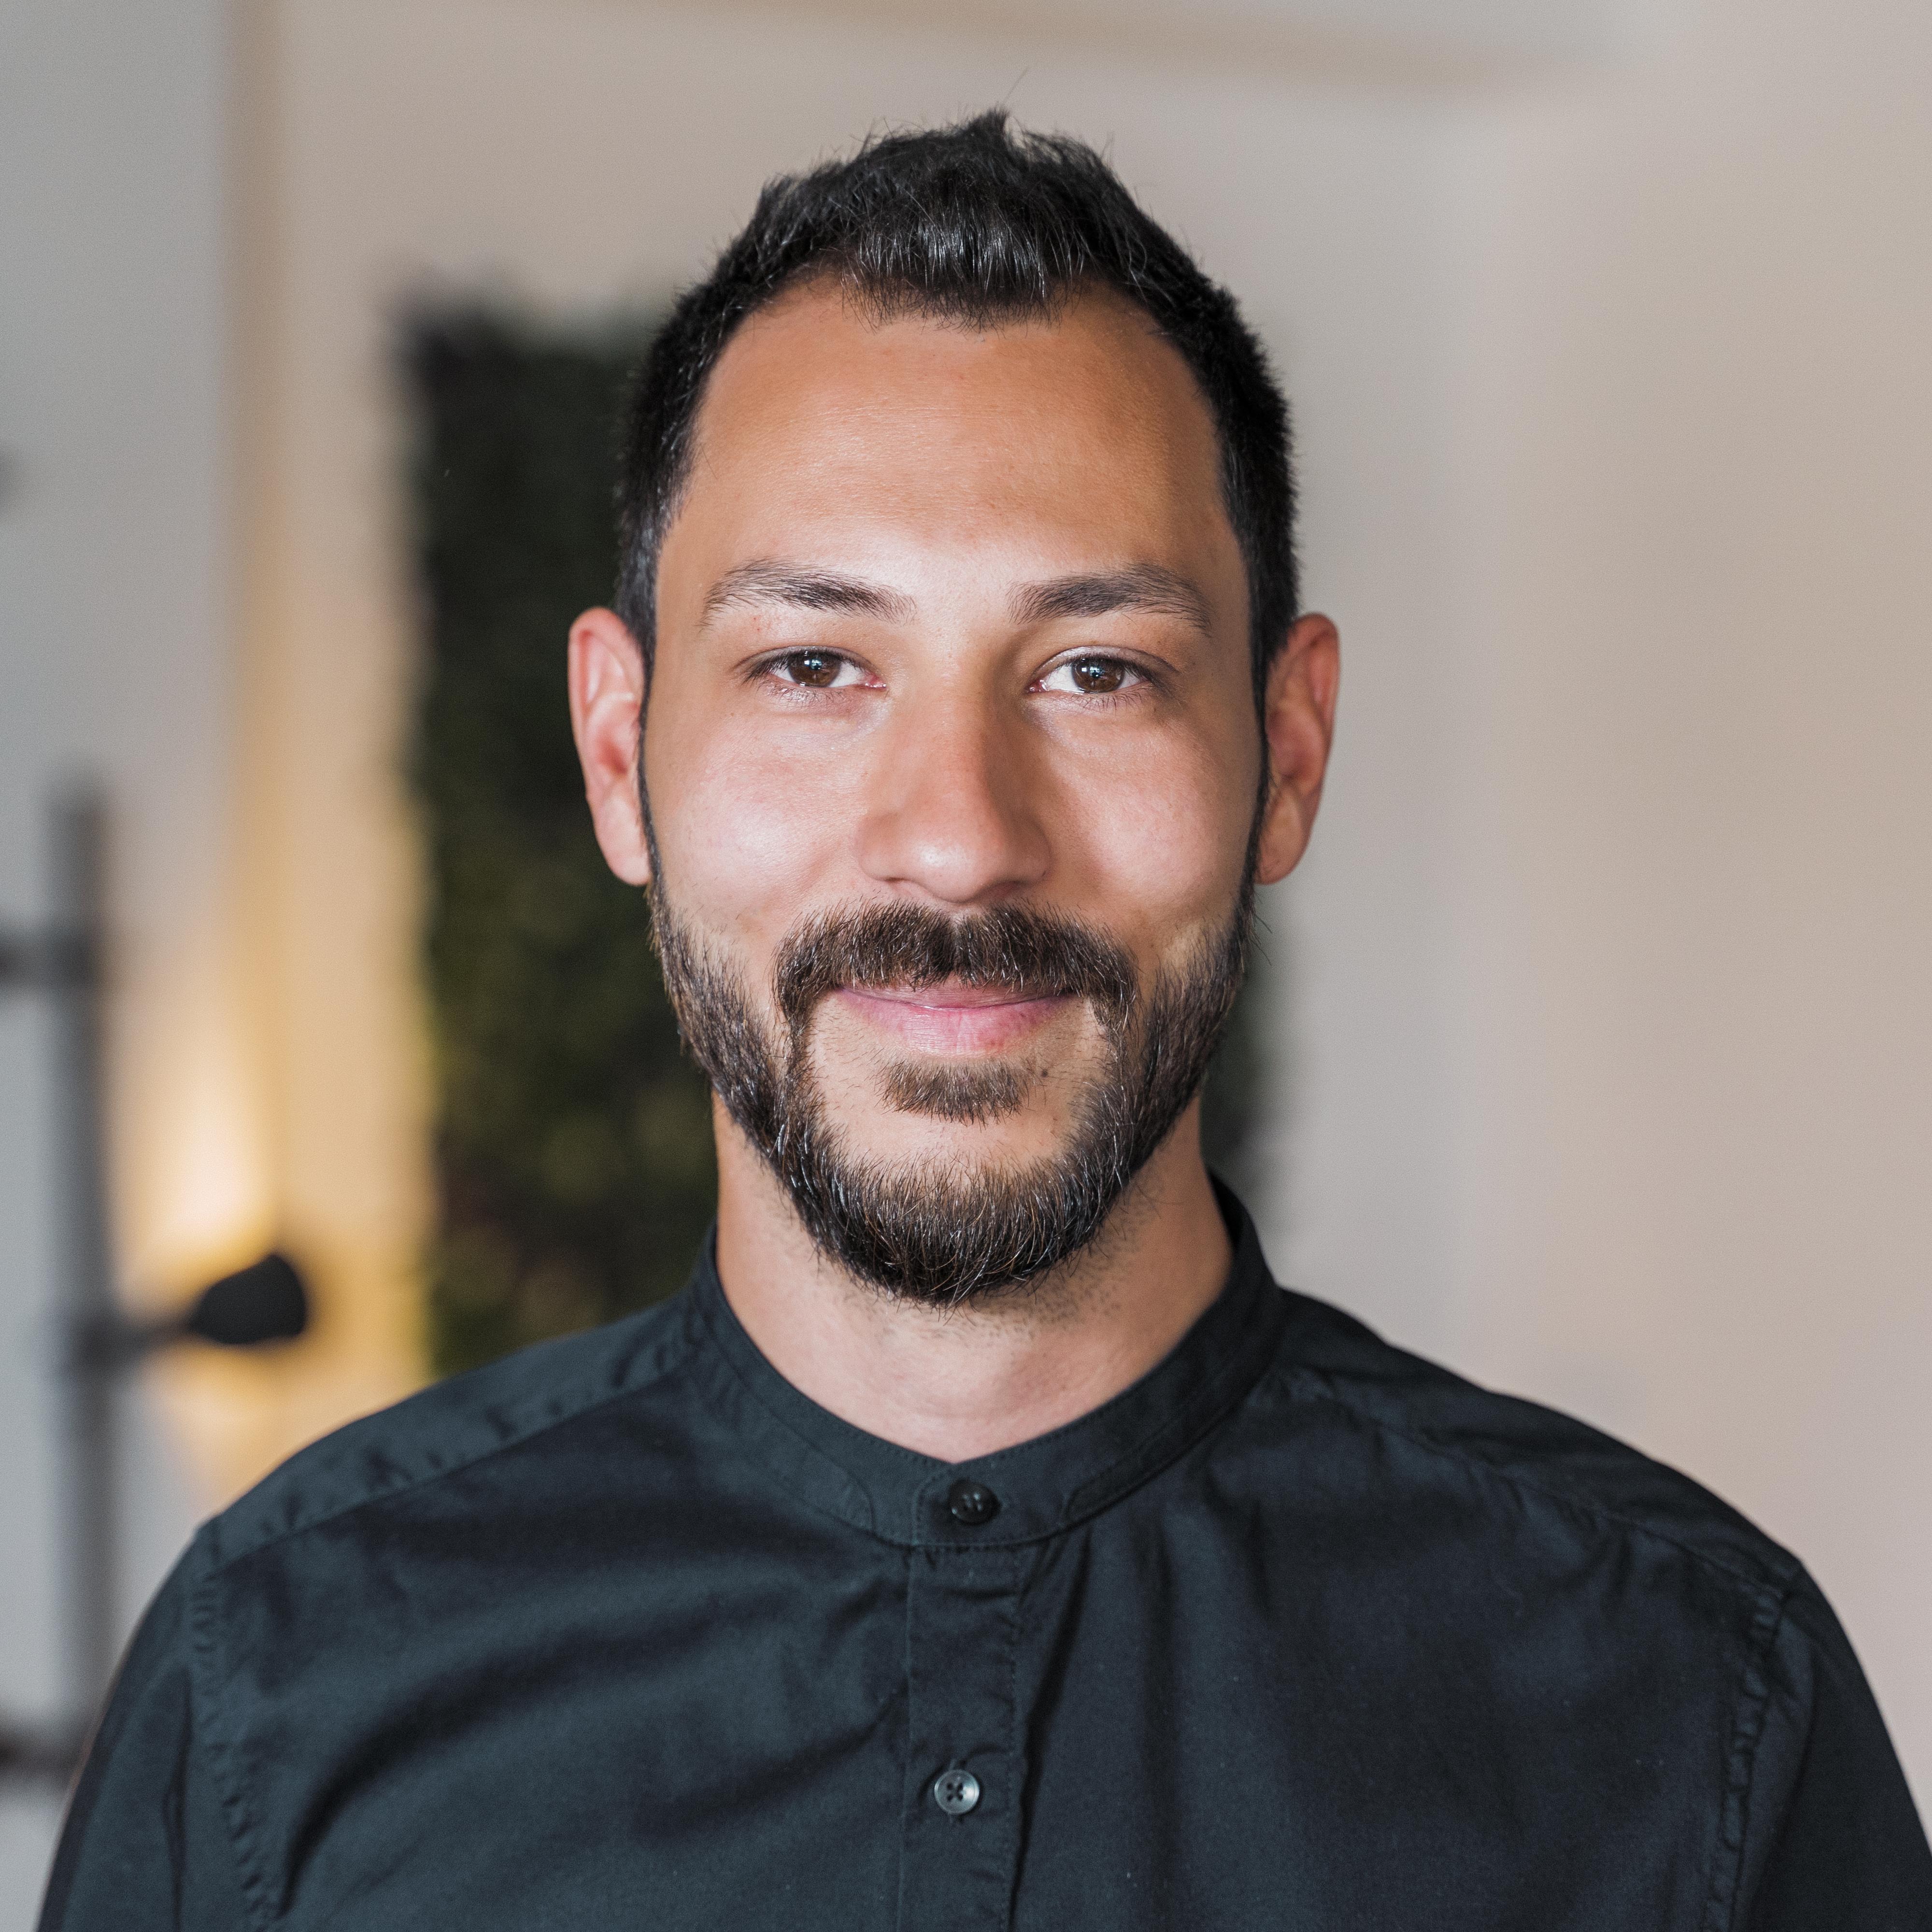 Ertu_Profilbild